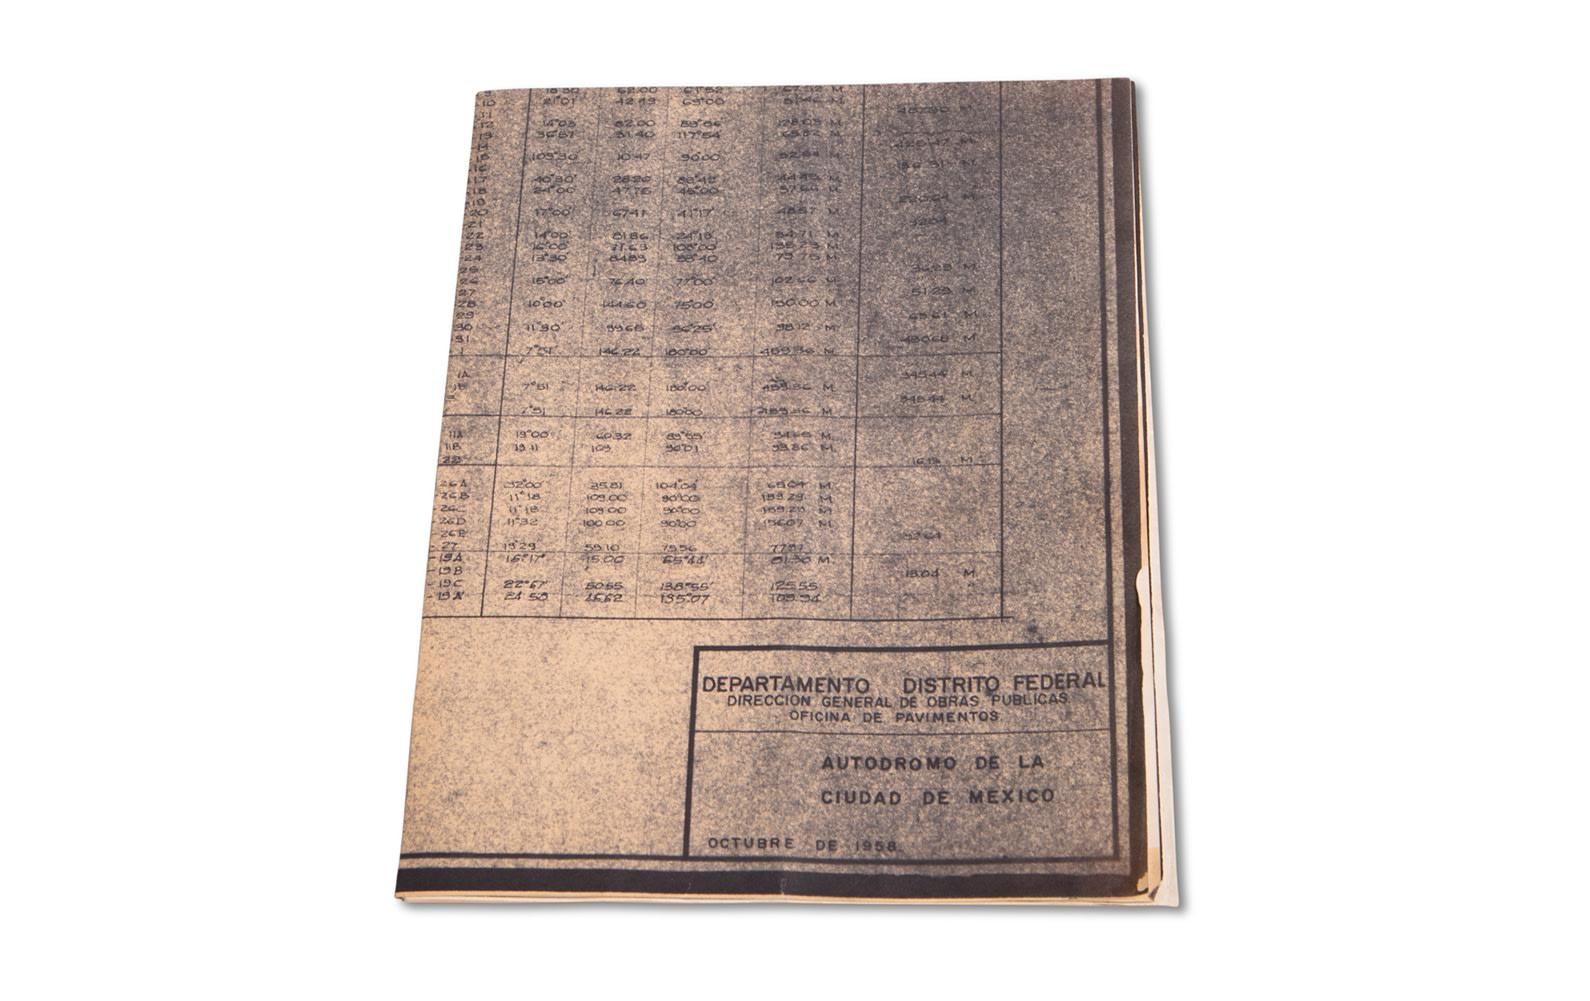 Blueprint for Autodromo de la Ciudad de Mexico, Dated October 1958